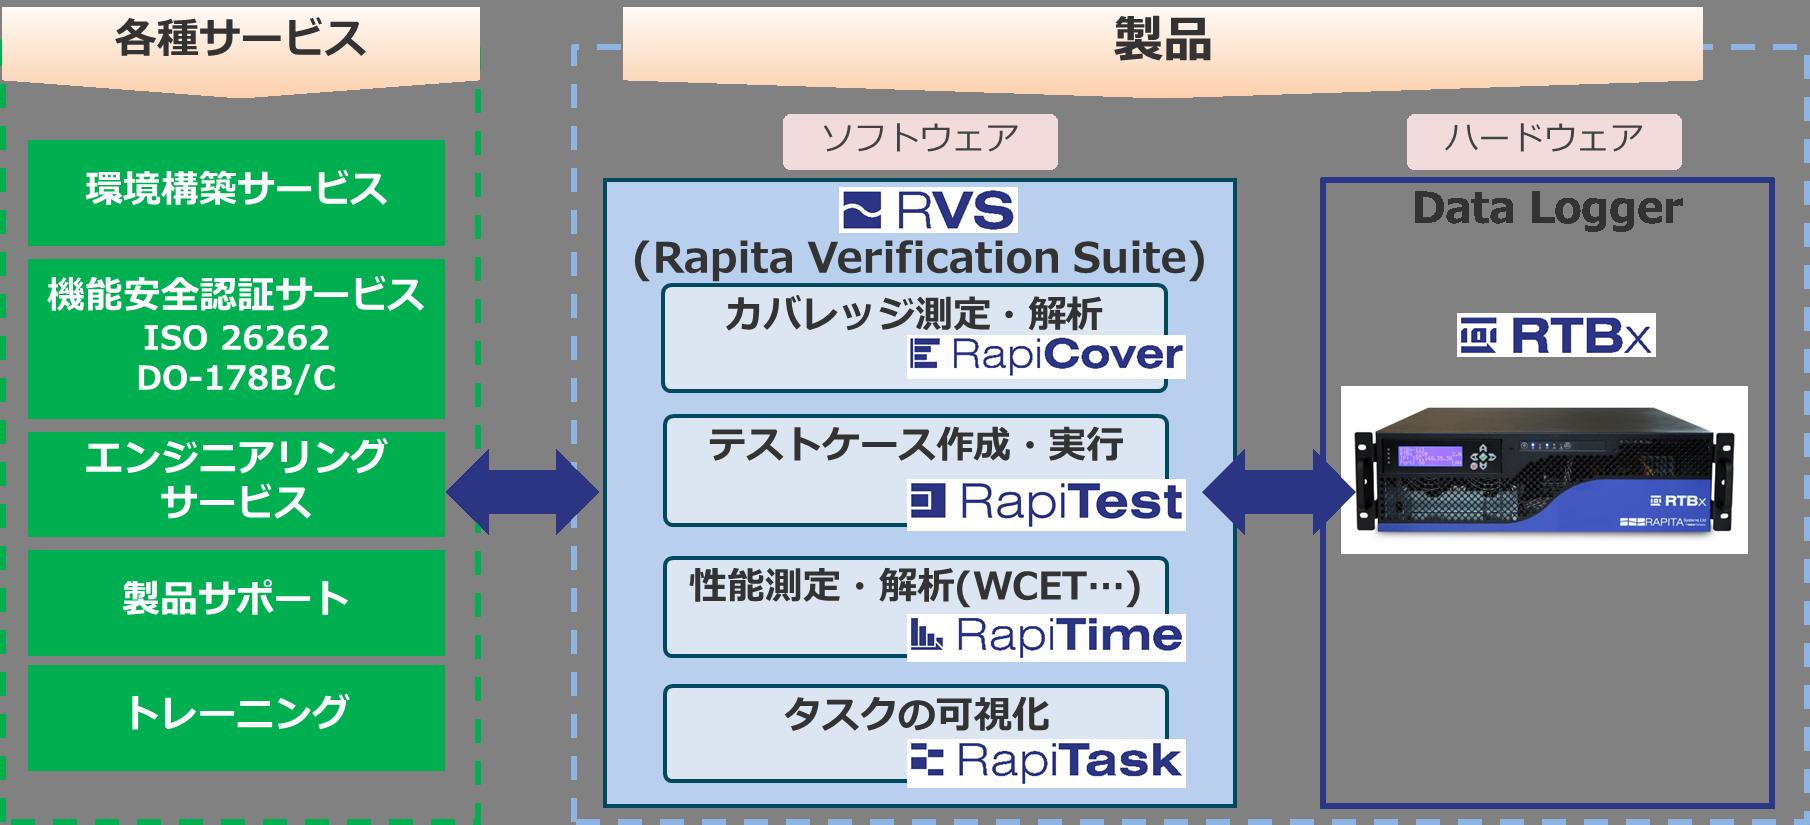 ソフトウェア検証ソリューション